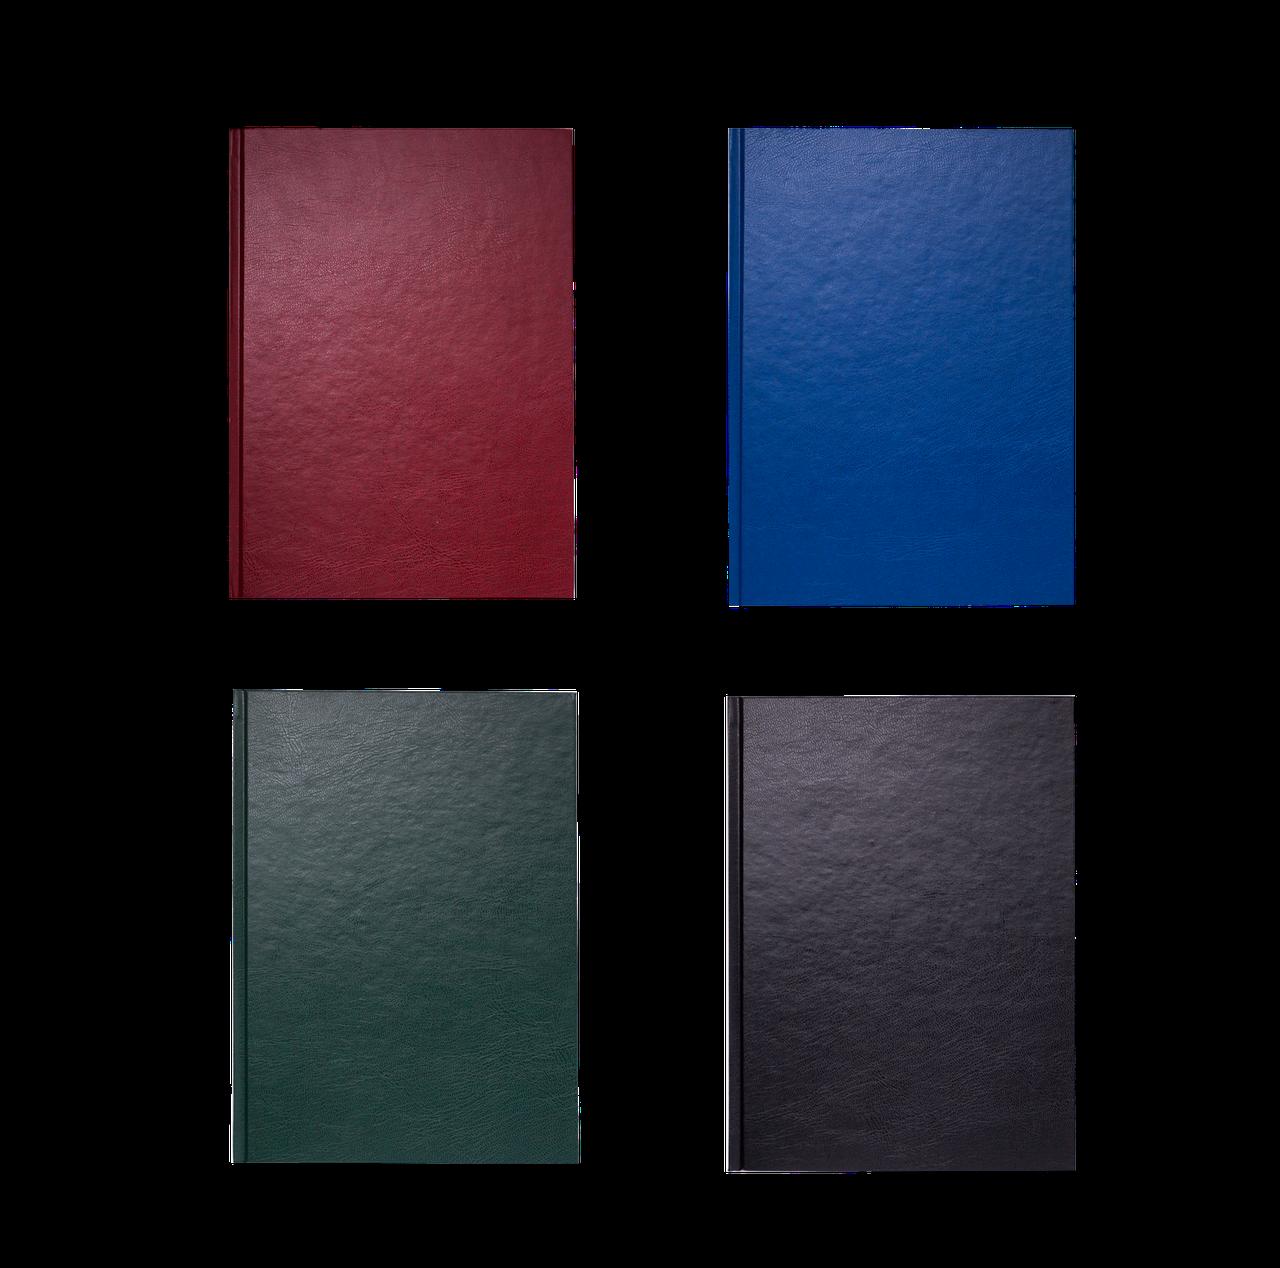 Книга канцелярская OFFICE, А4, 192 л., клетка, офсет, твердая обложка с бумвинилом, ассорти (BM.2406)